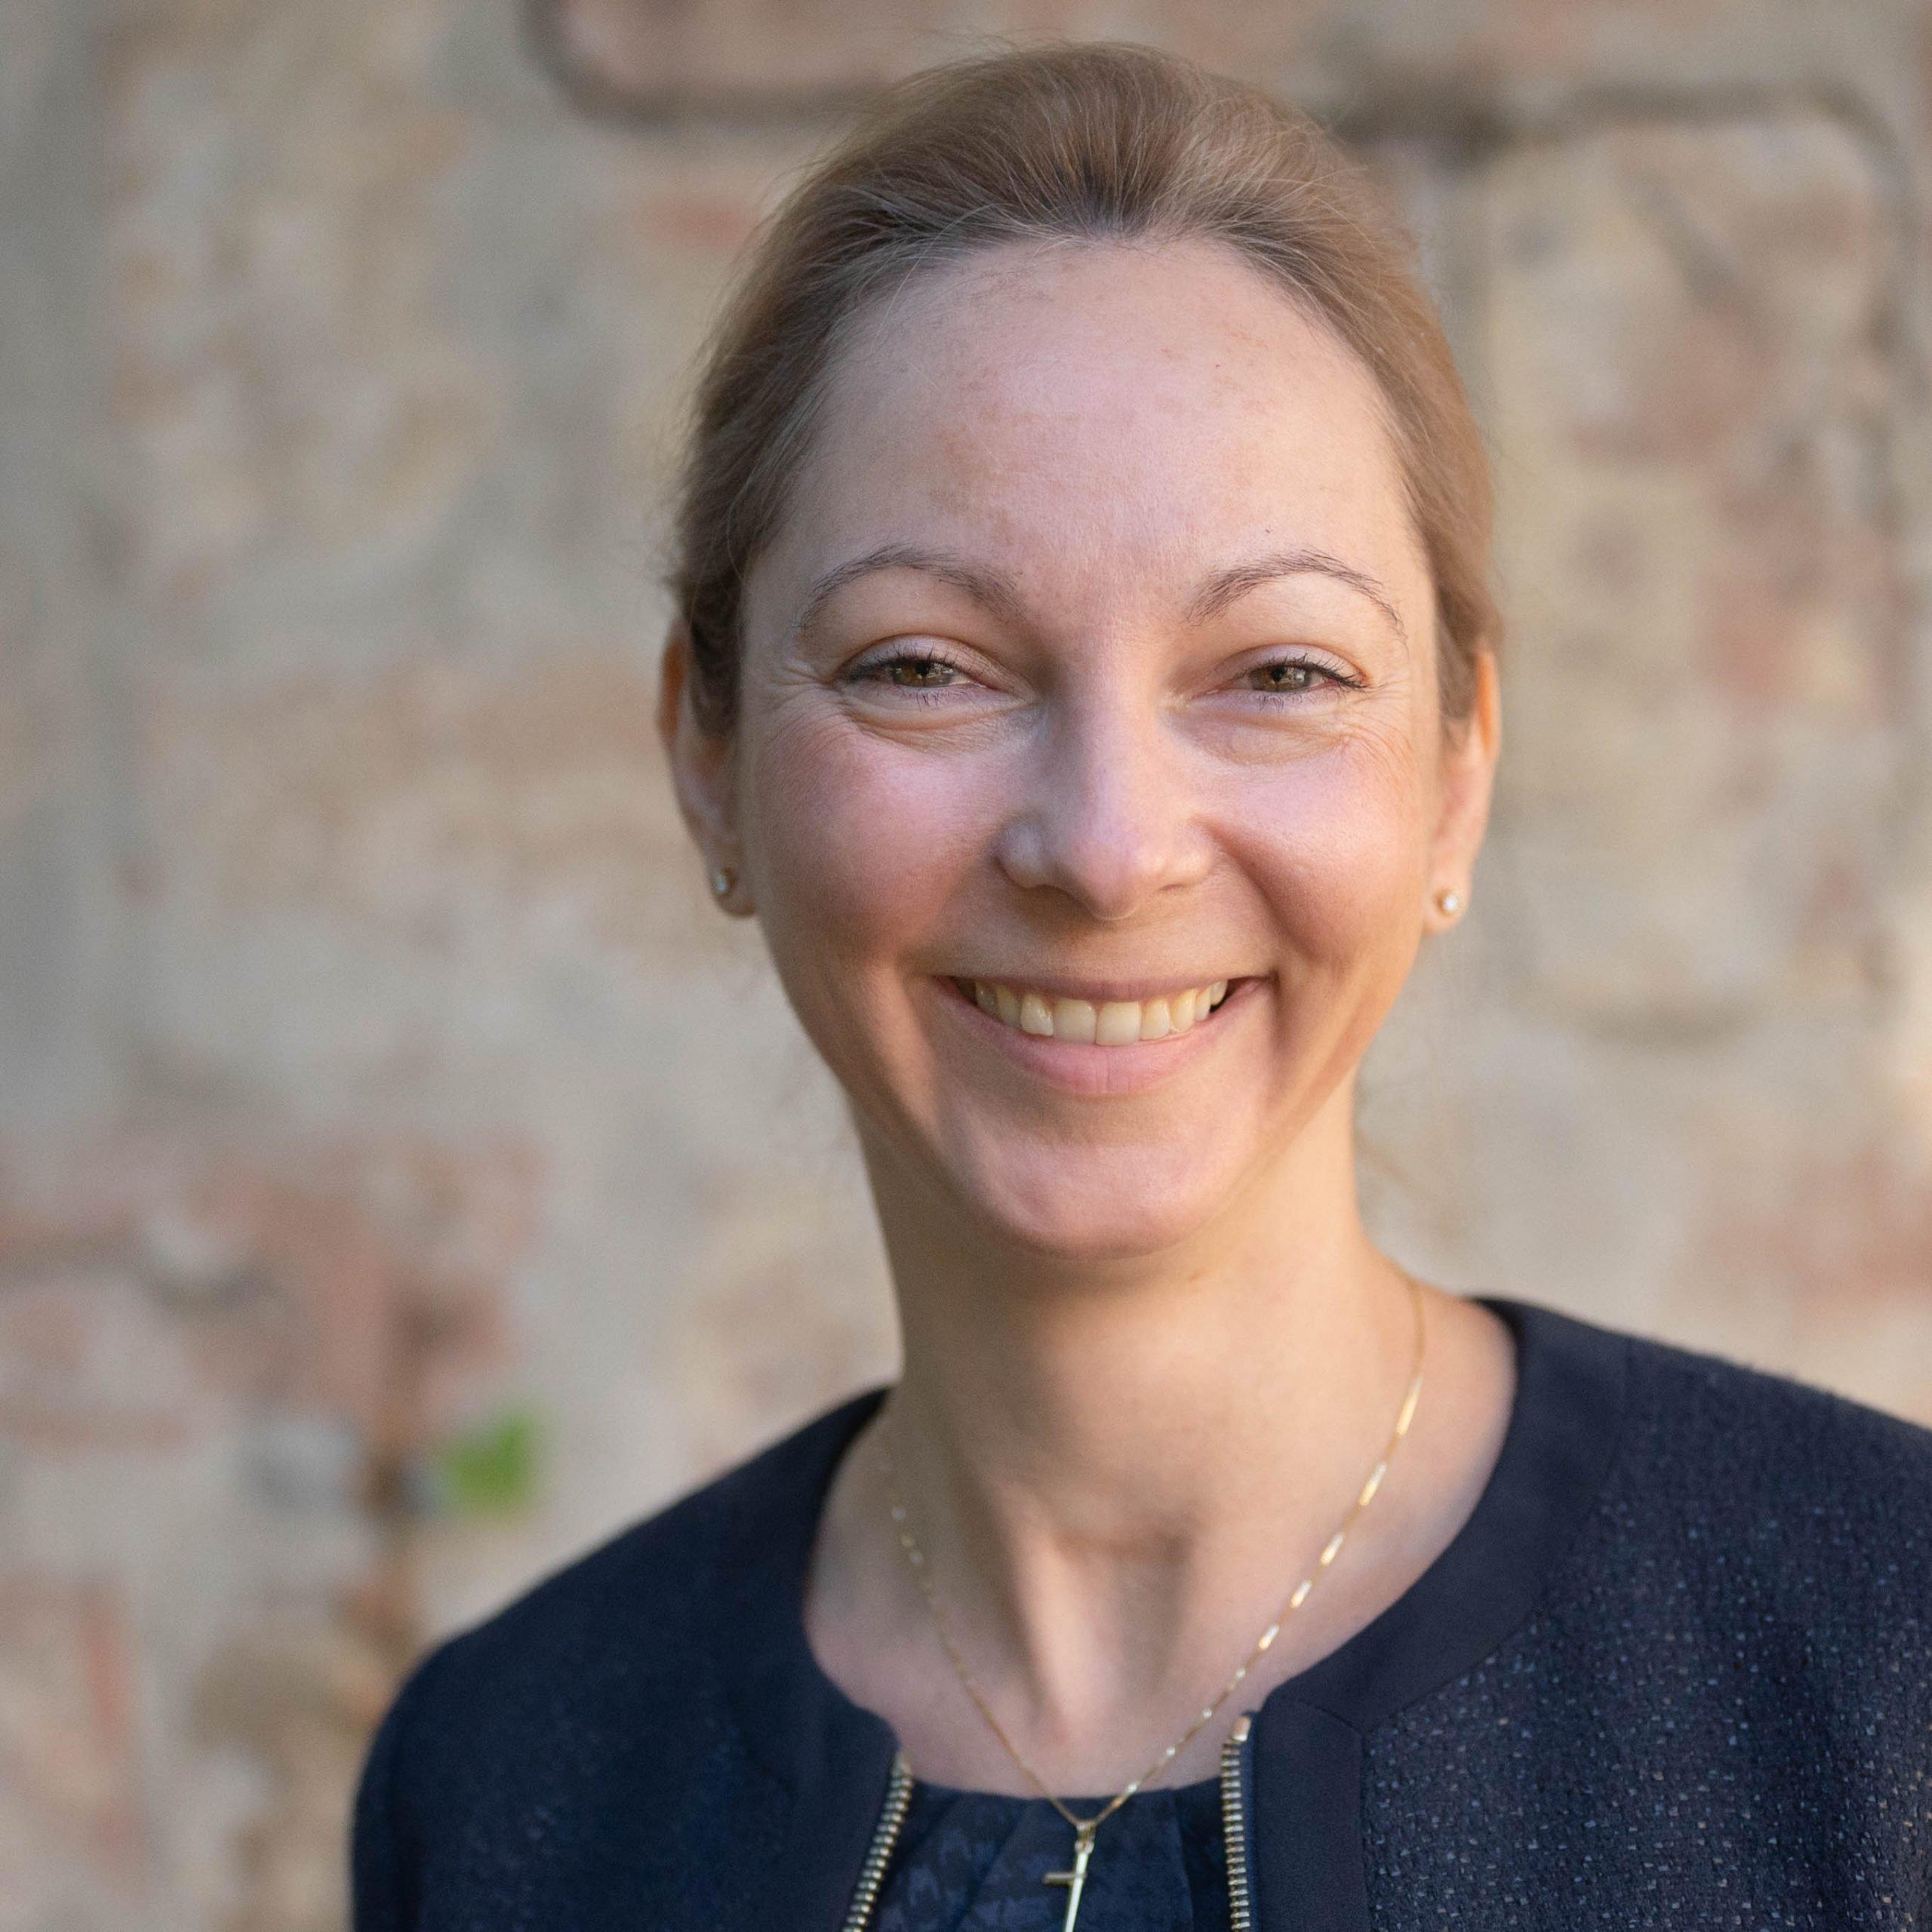 Sonja Karlberger